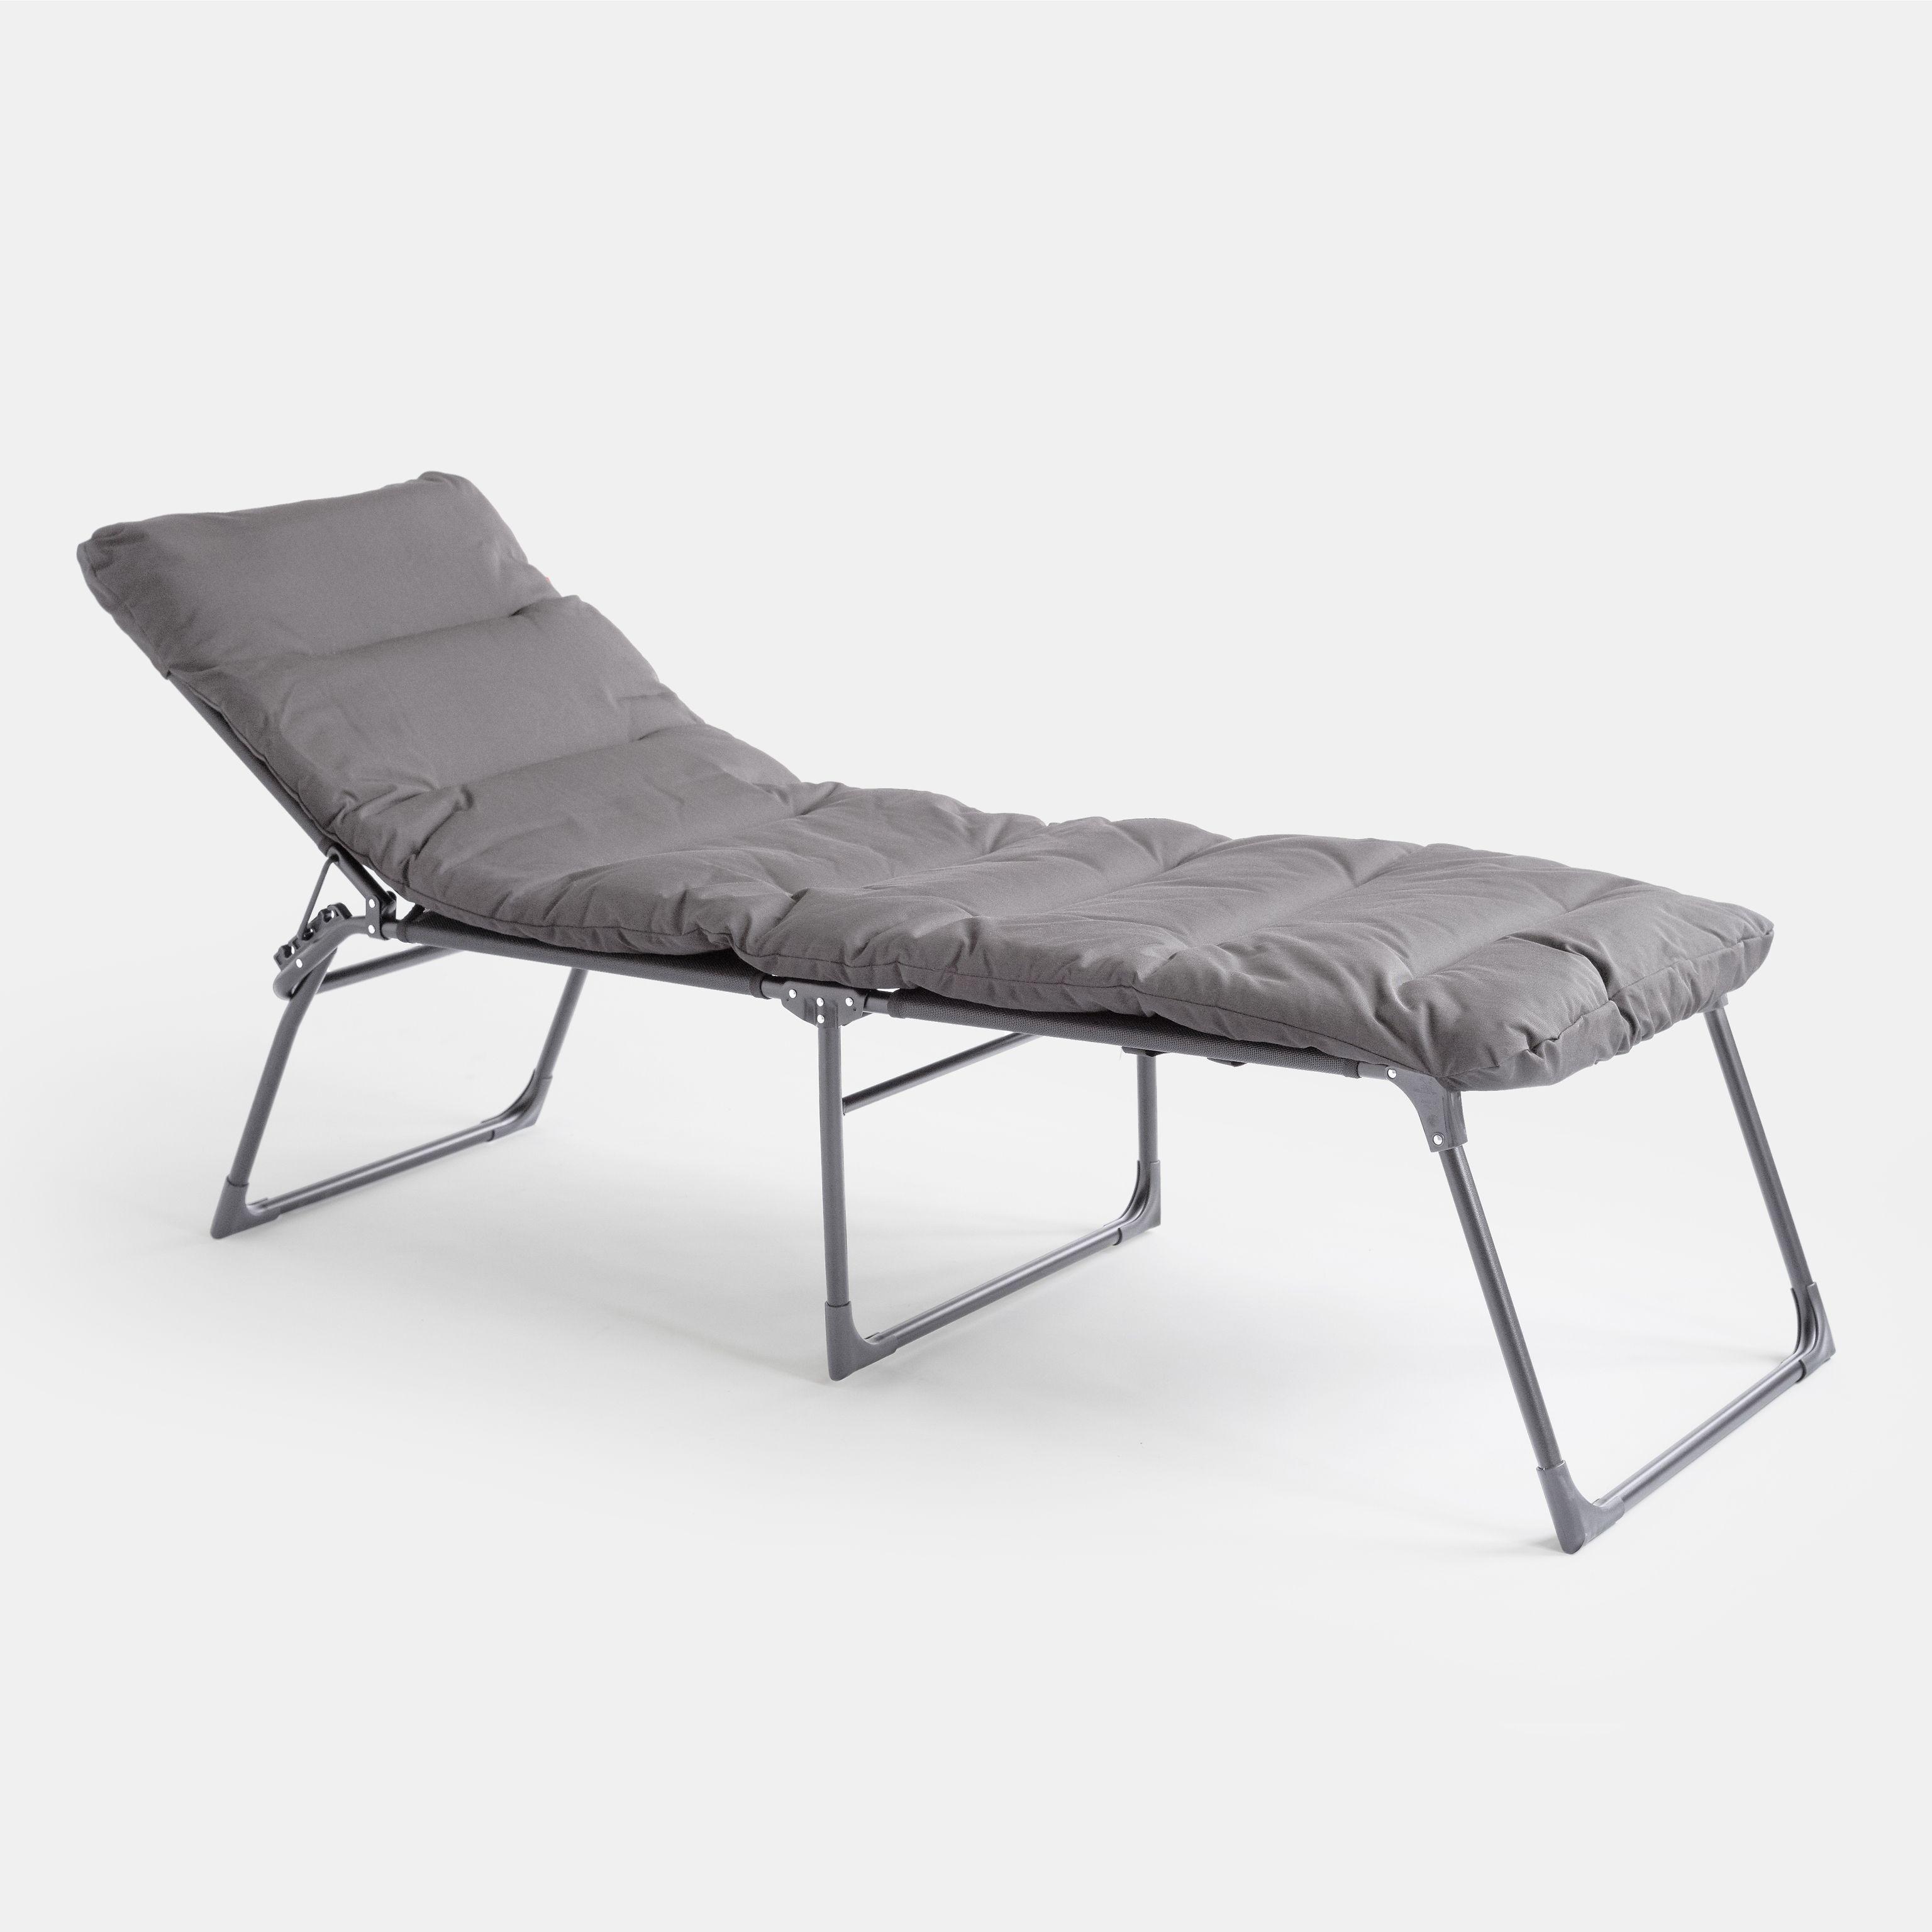 auflagen mit vlies f llung f r fiam liegen bei. Black Bedroom Furniture Sets. Home Design Ideas